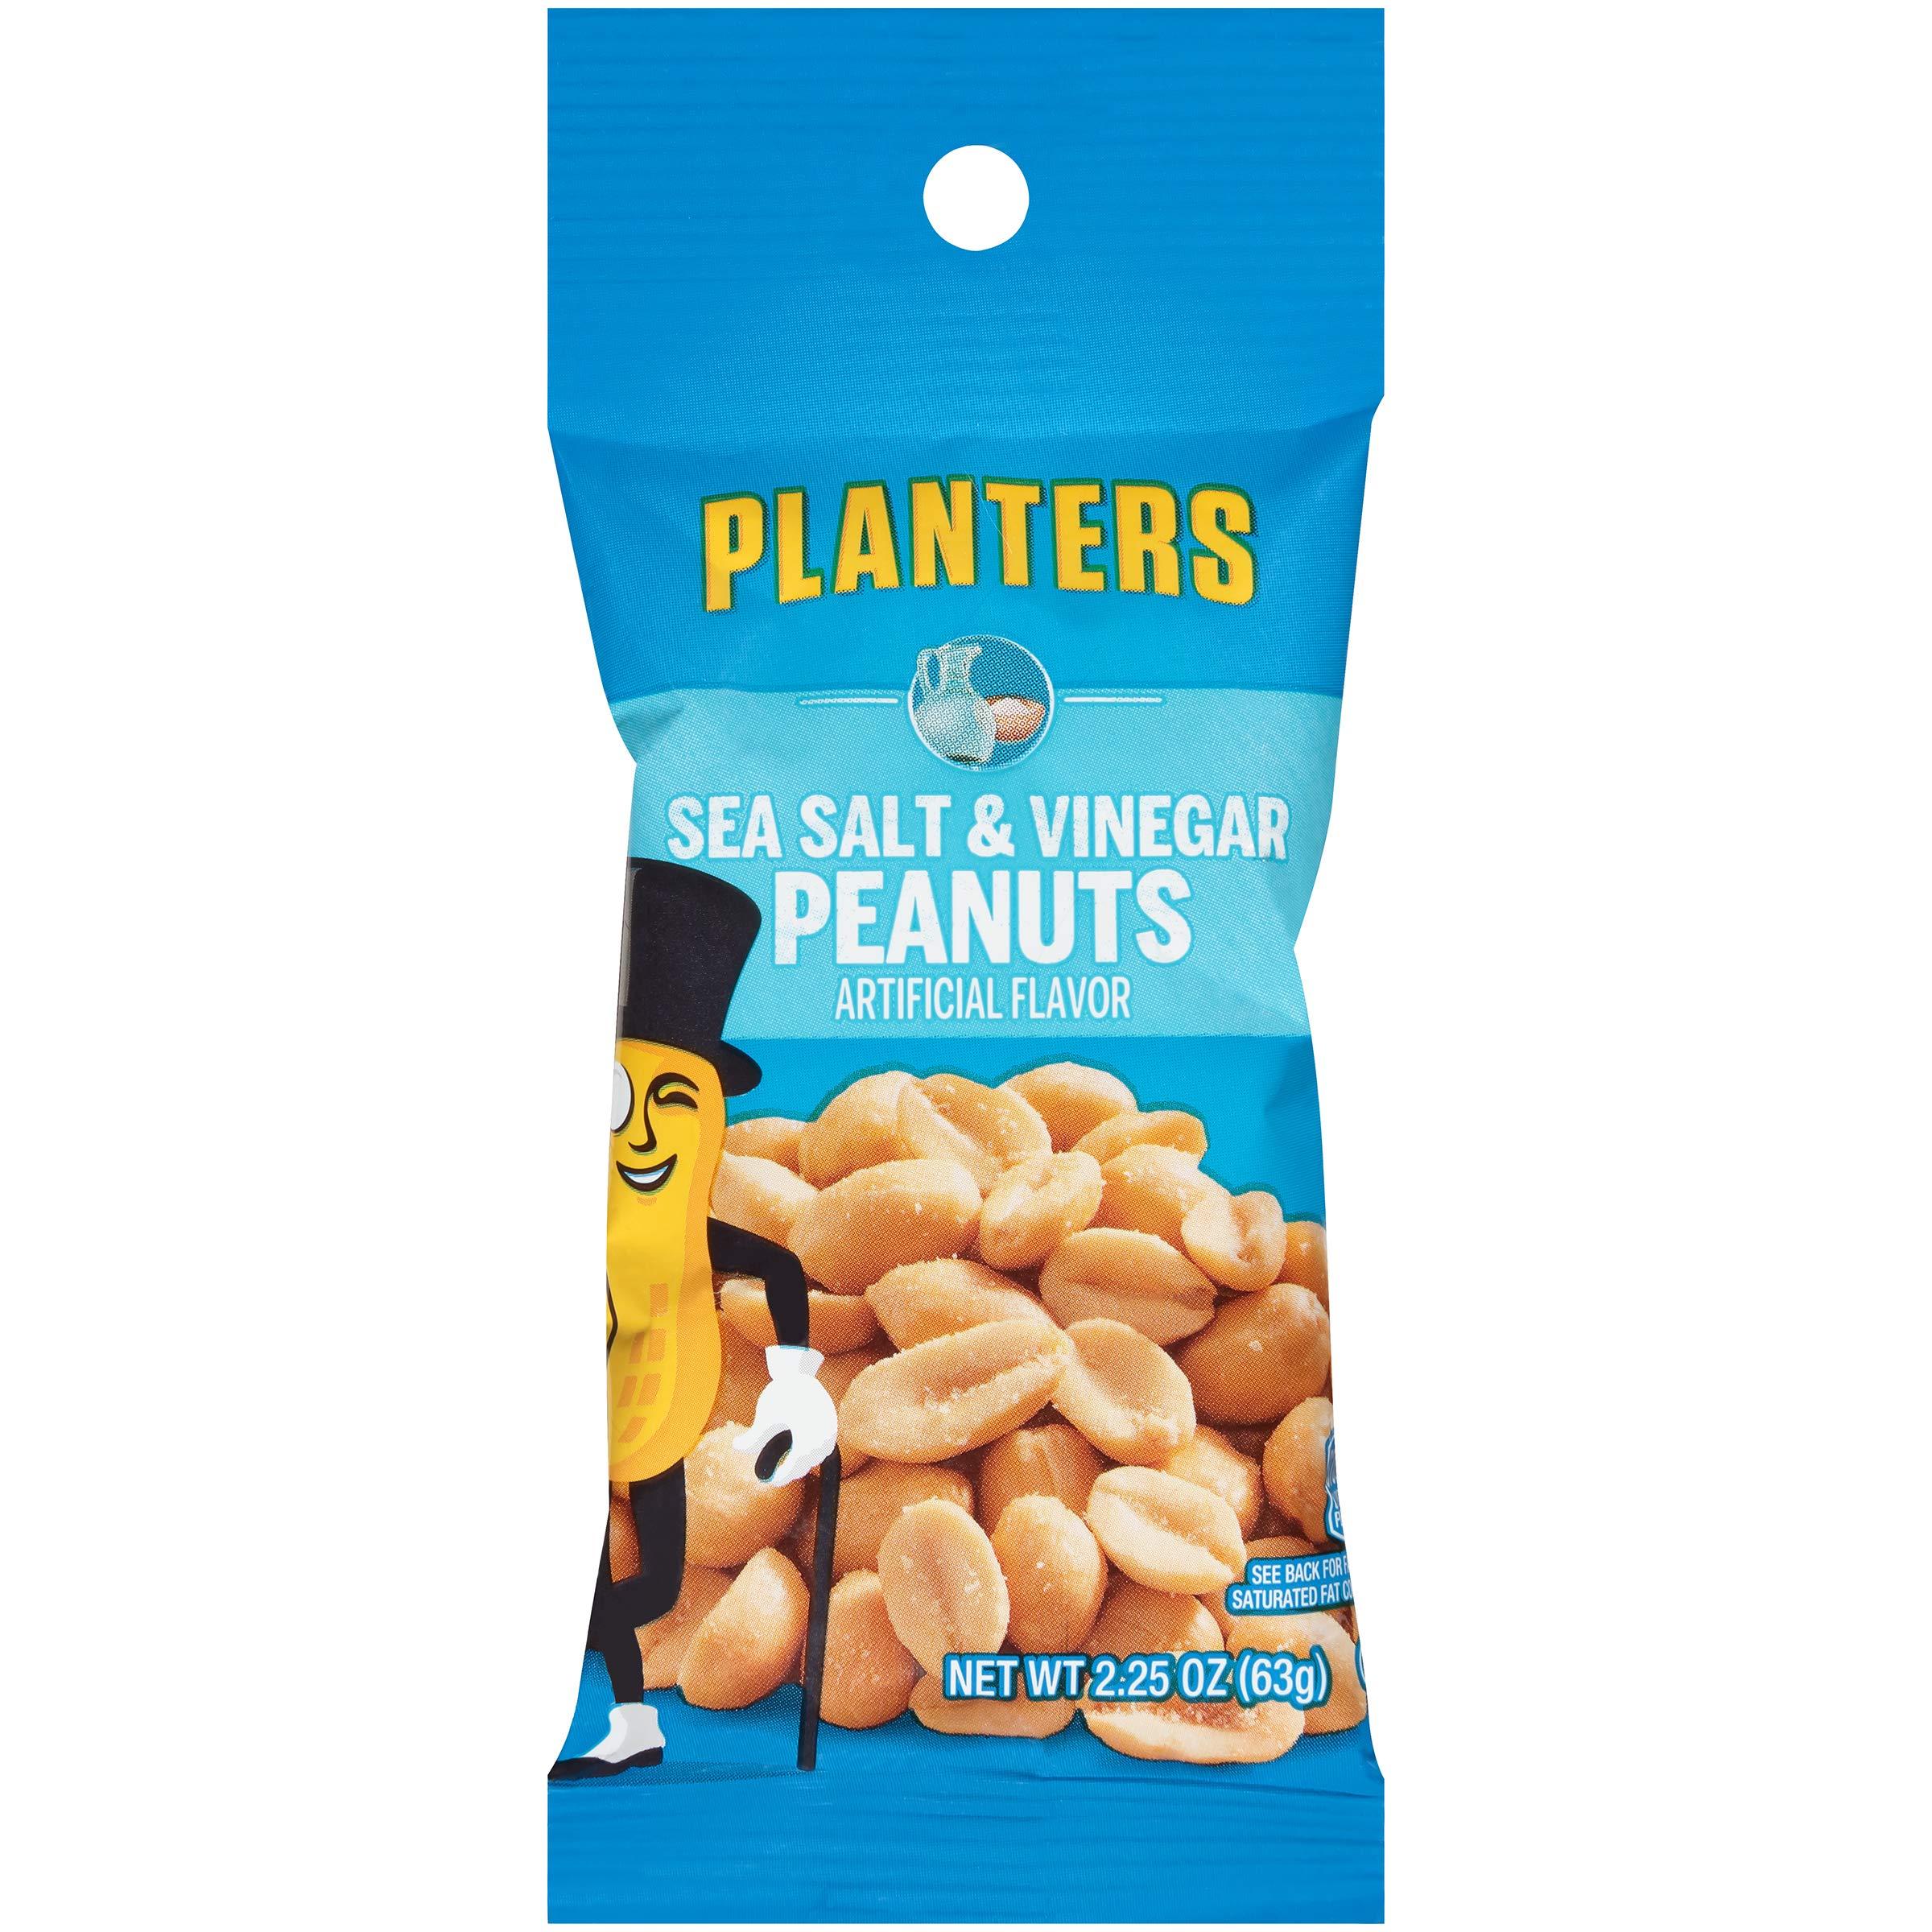 Planters Flavored Peanuts, Sea Salt and Vinegar Tube, 2.25 oz